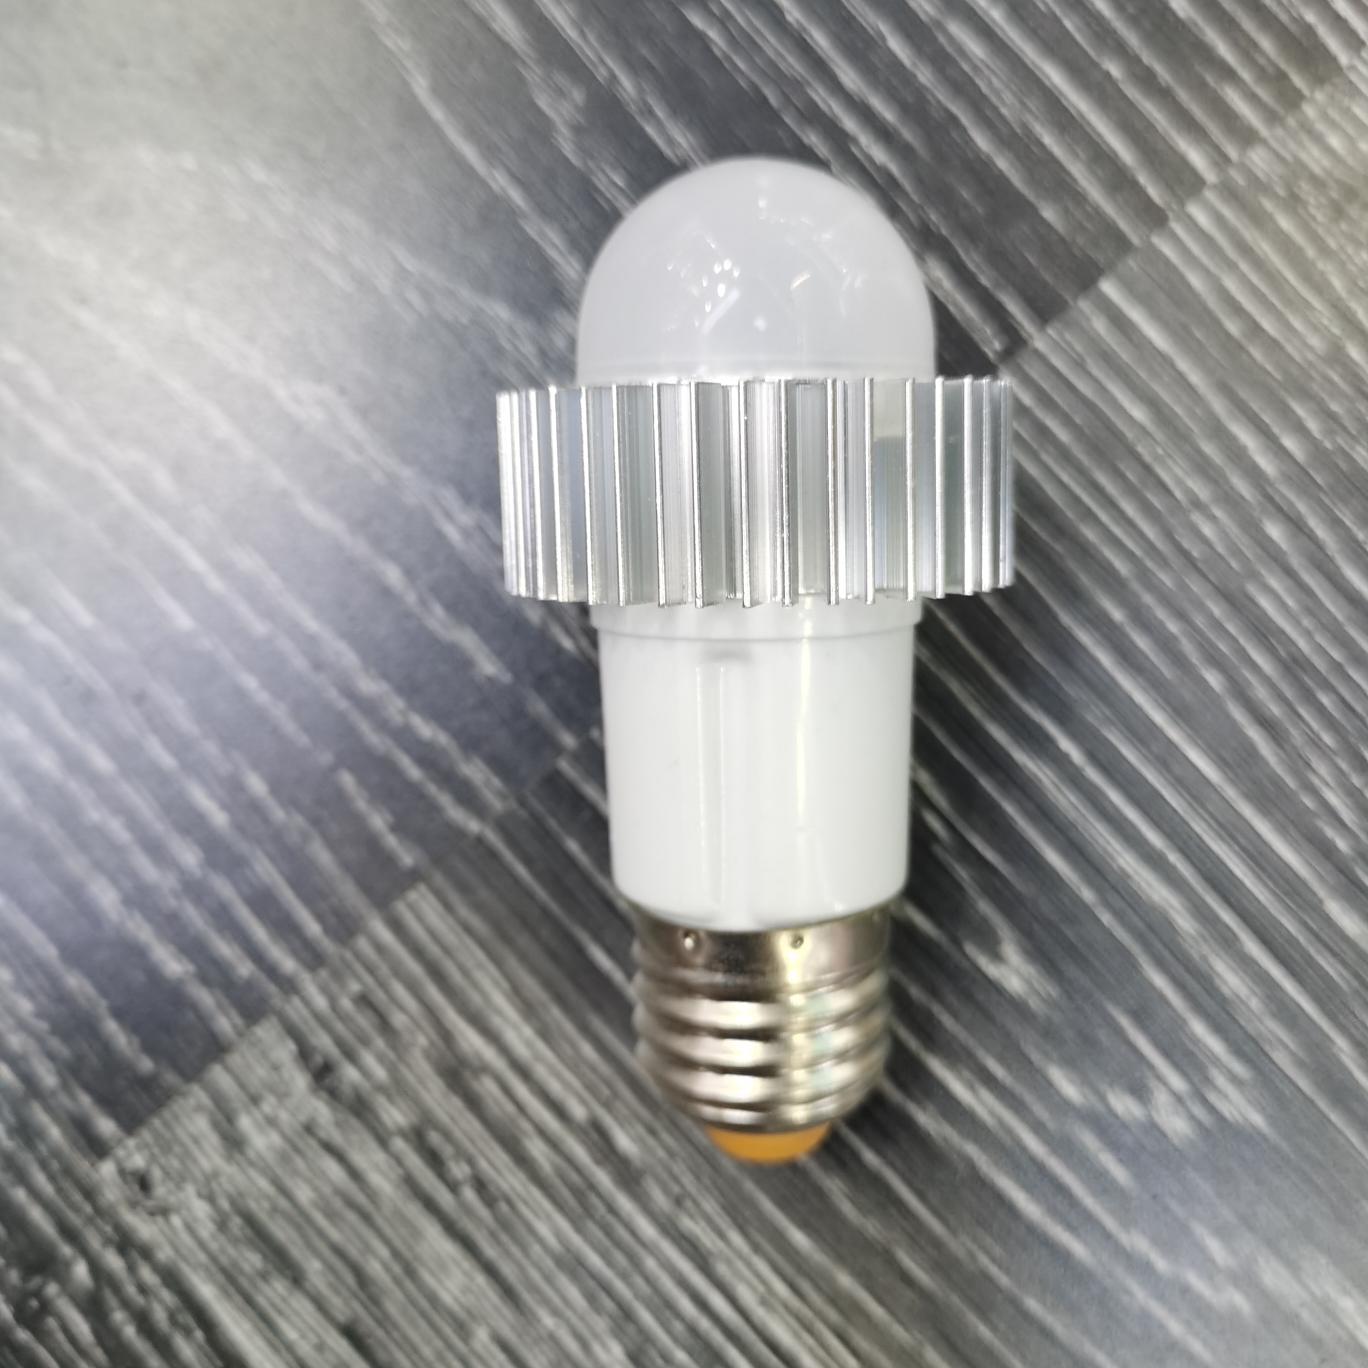 5W 家用LED 太阳花节能灯泡 AC85-265V通用